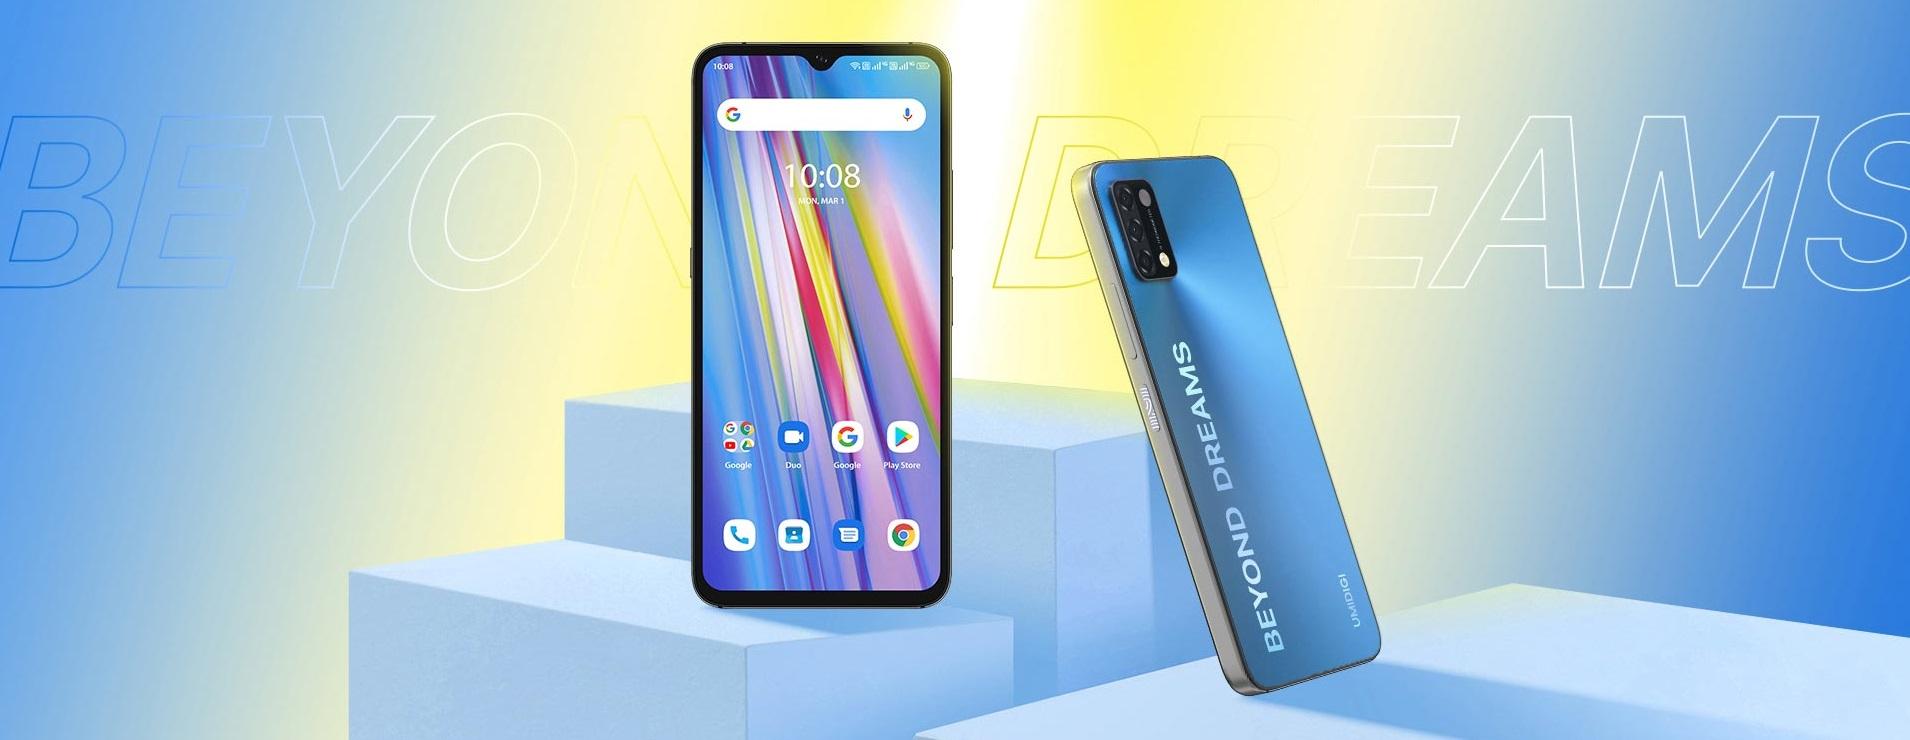 smartfon UMIDIGI A11 smartphone